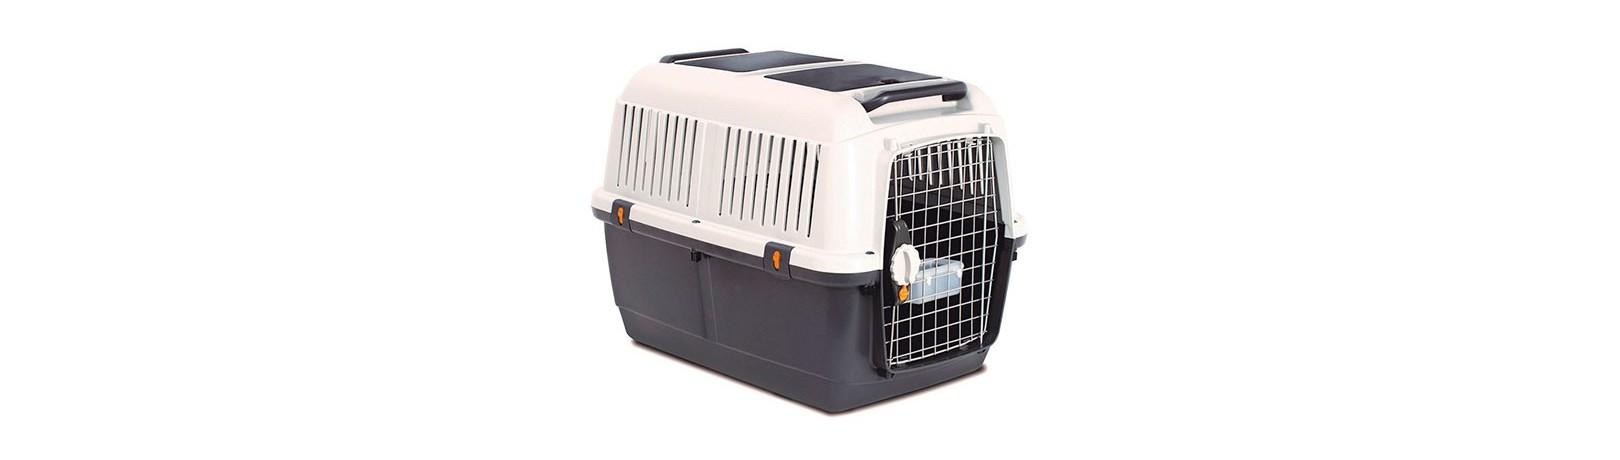 Fabricante de Transportines para perros